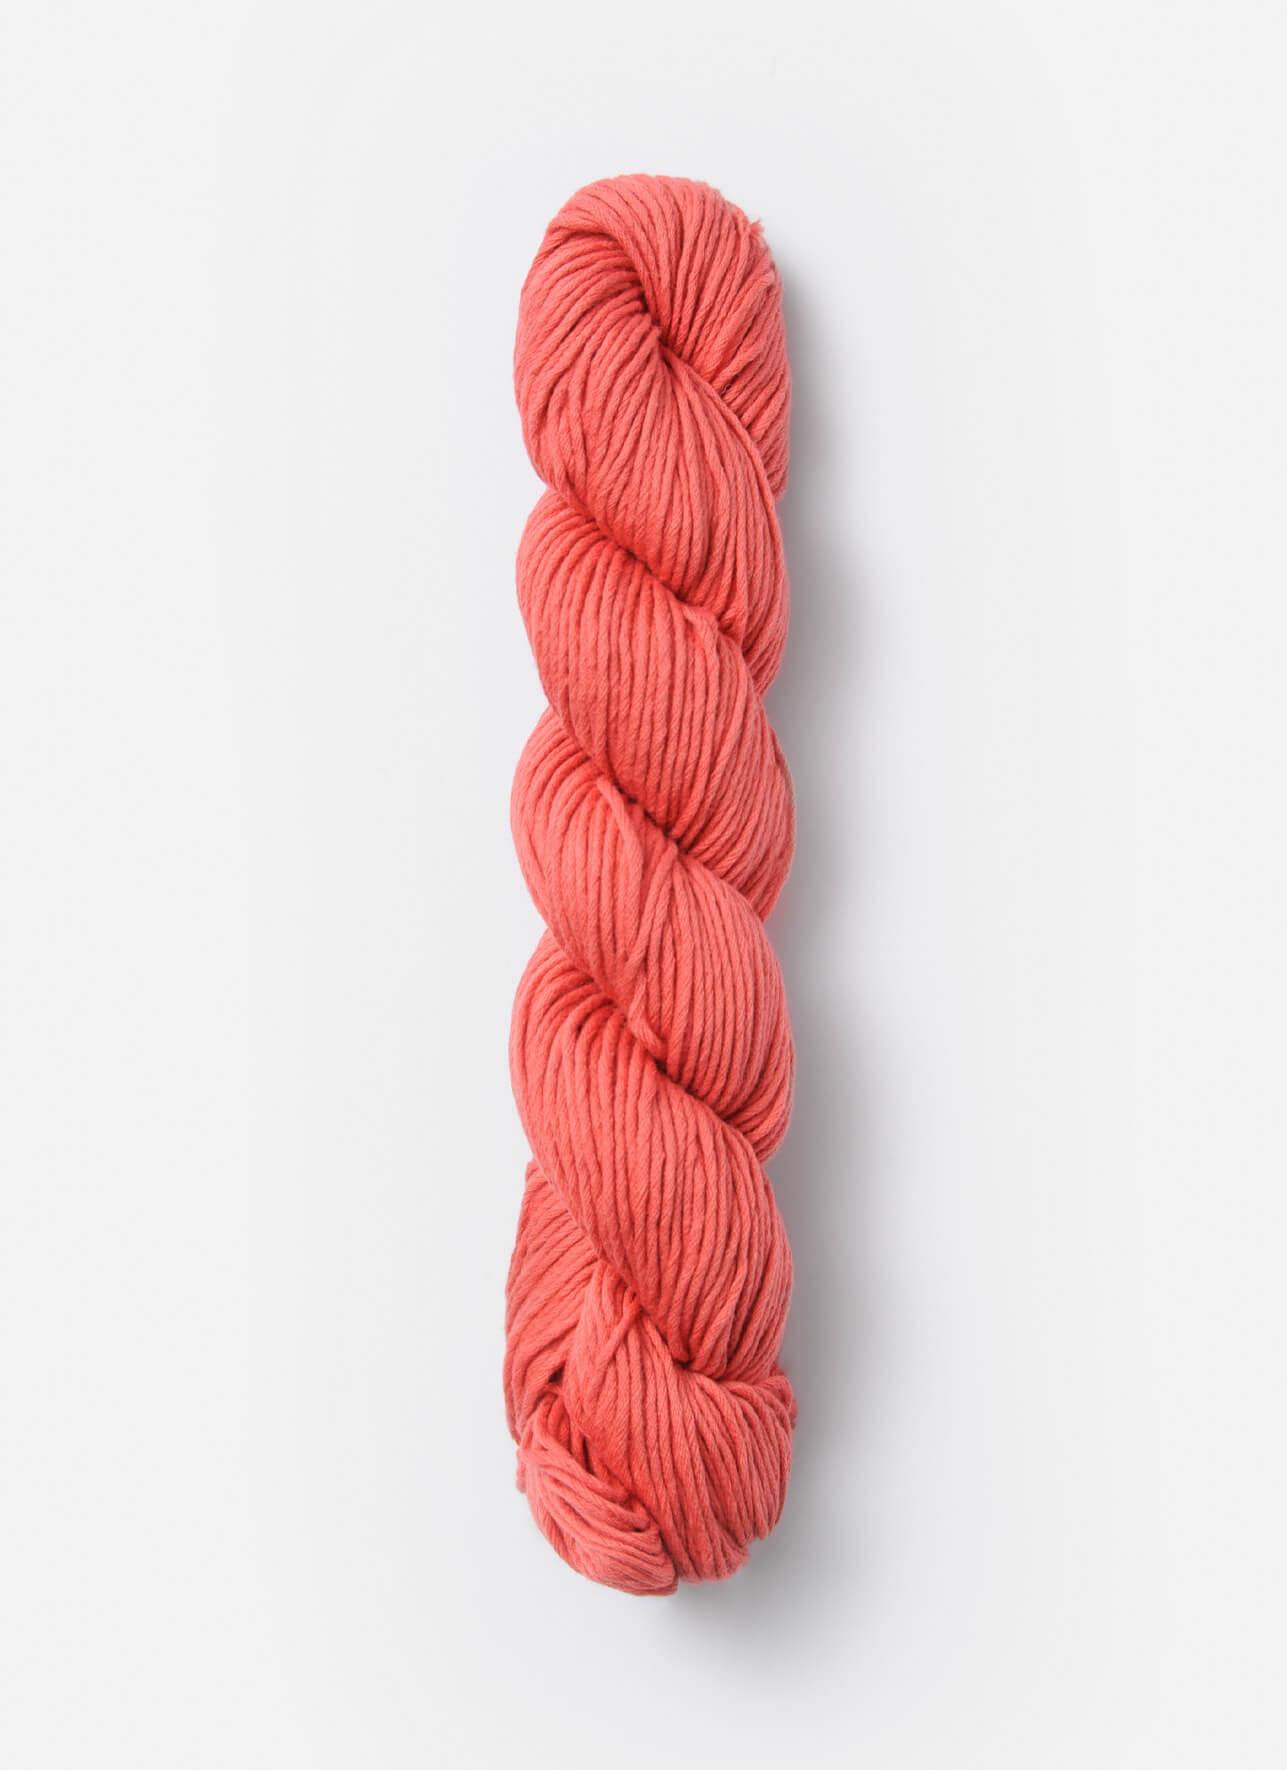 No. 317: Coral